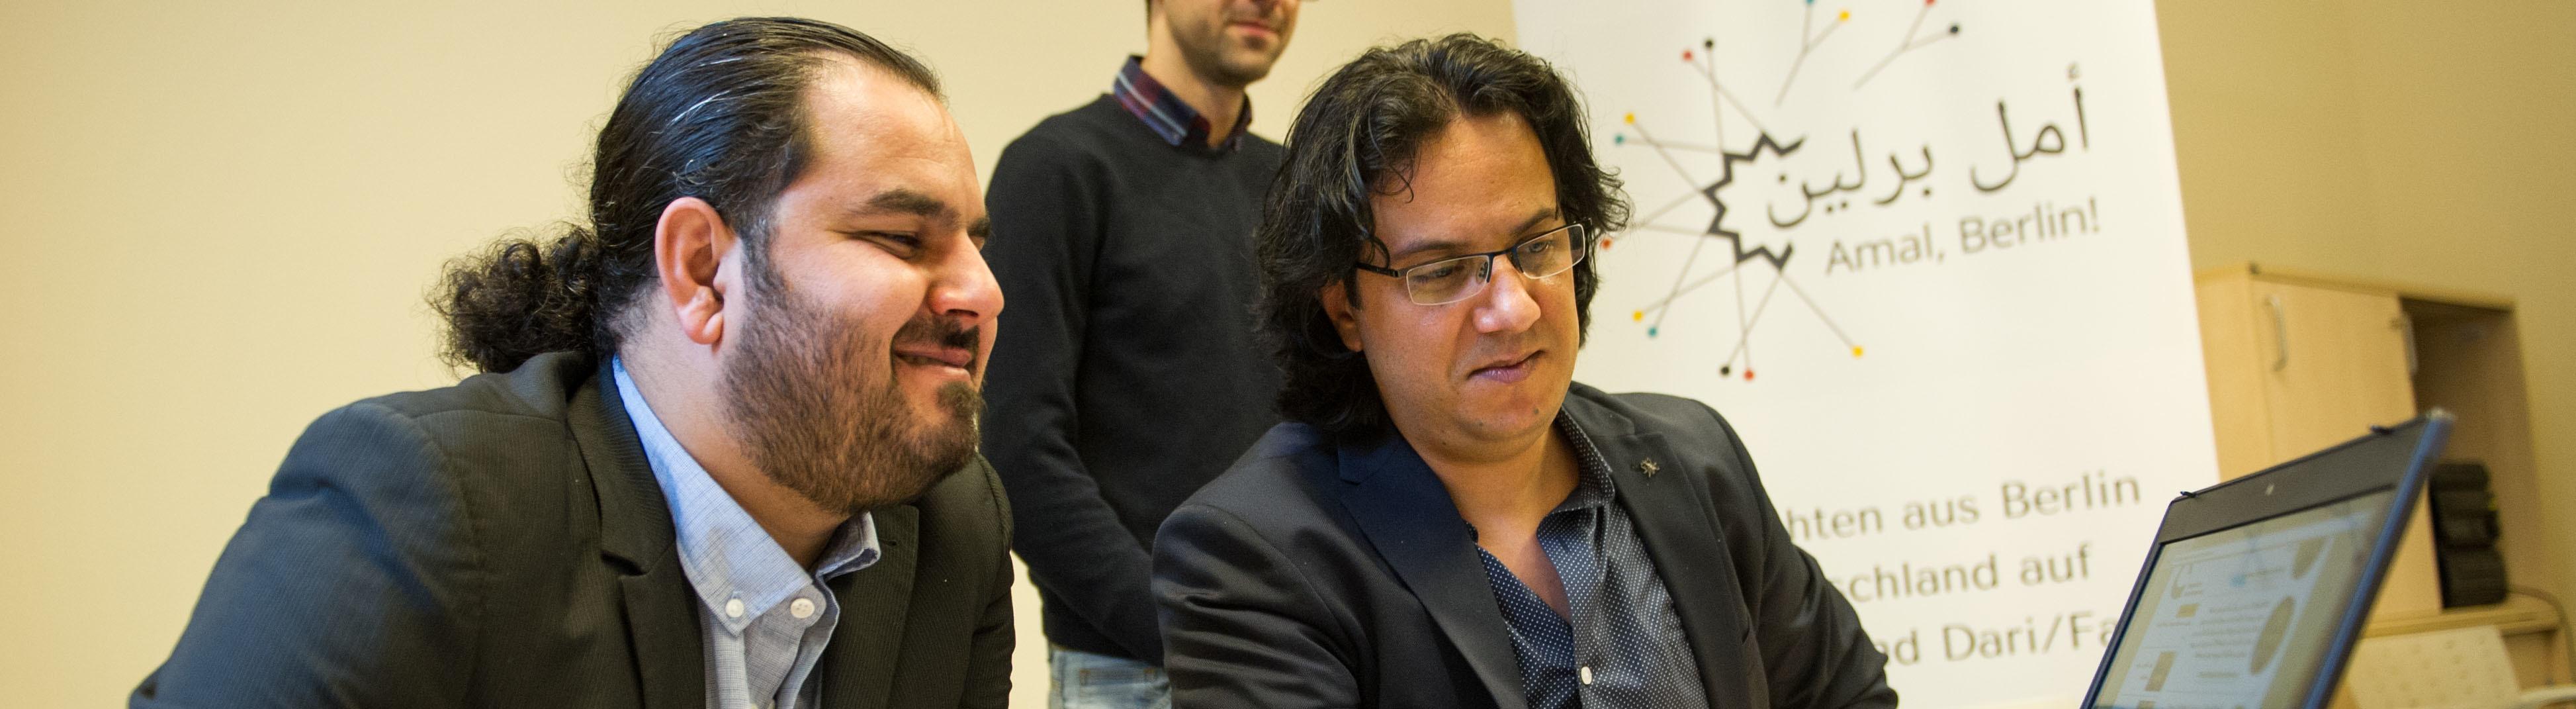 Das Projekt Amal Berlin! an der Evangelischen Journalistenschule in Berlin